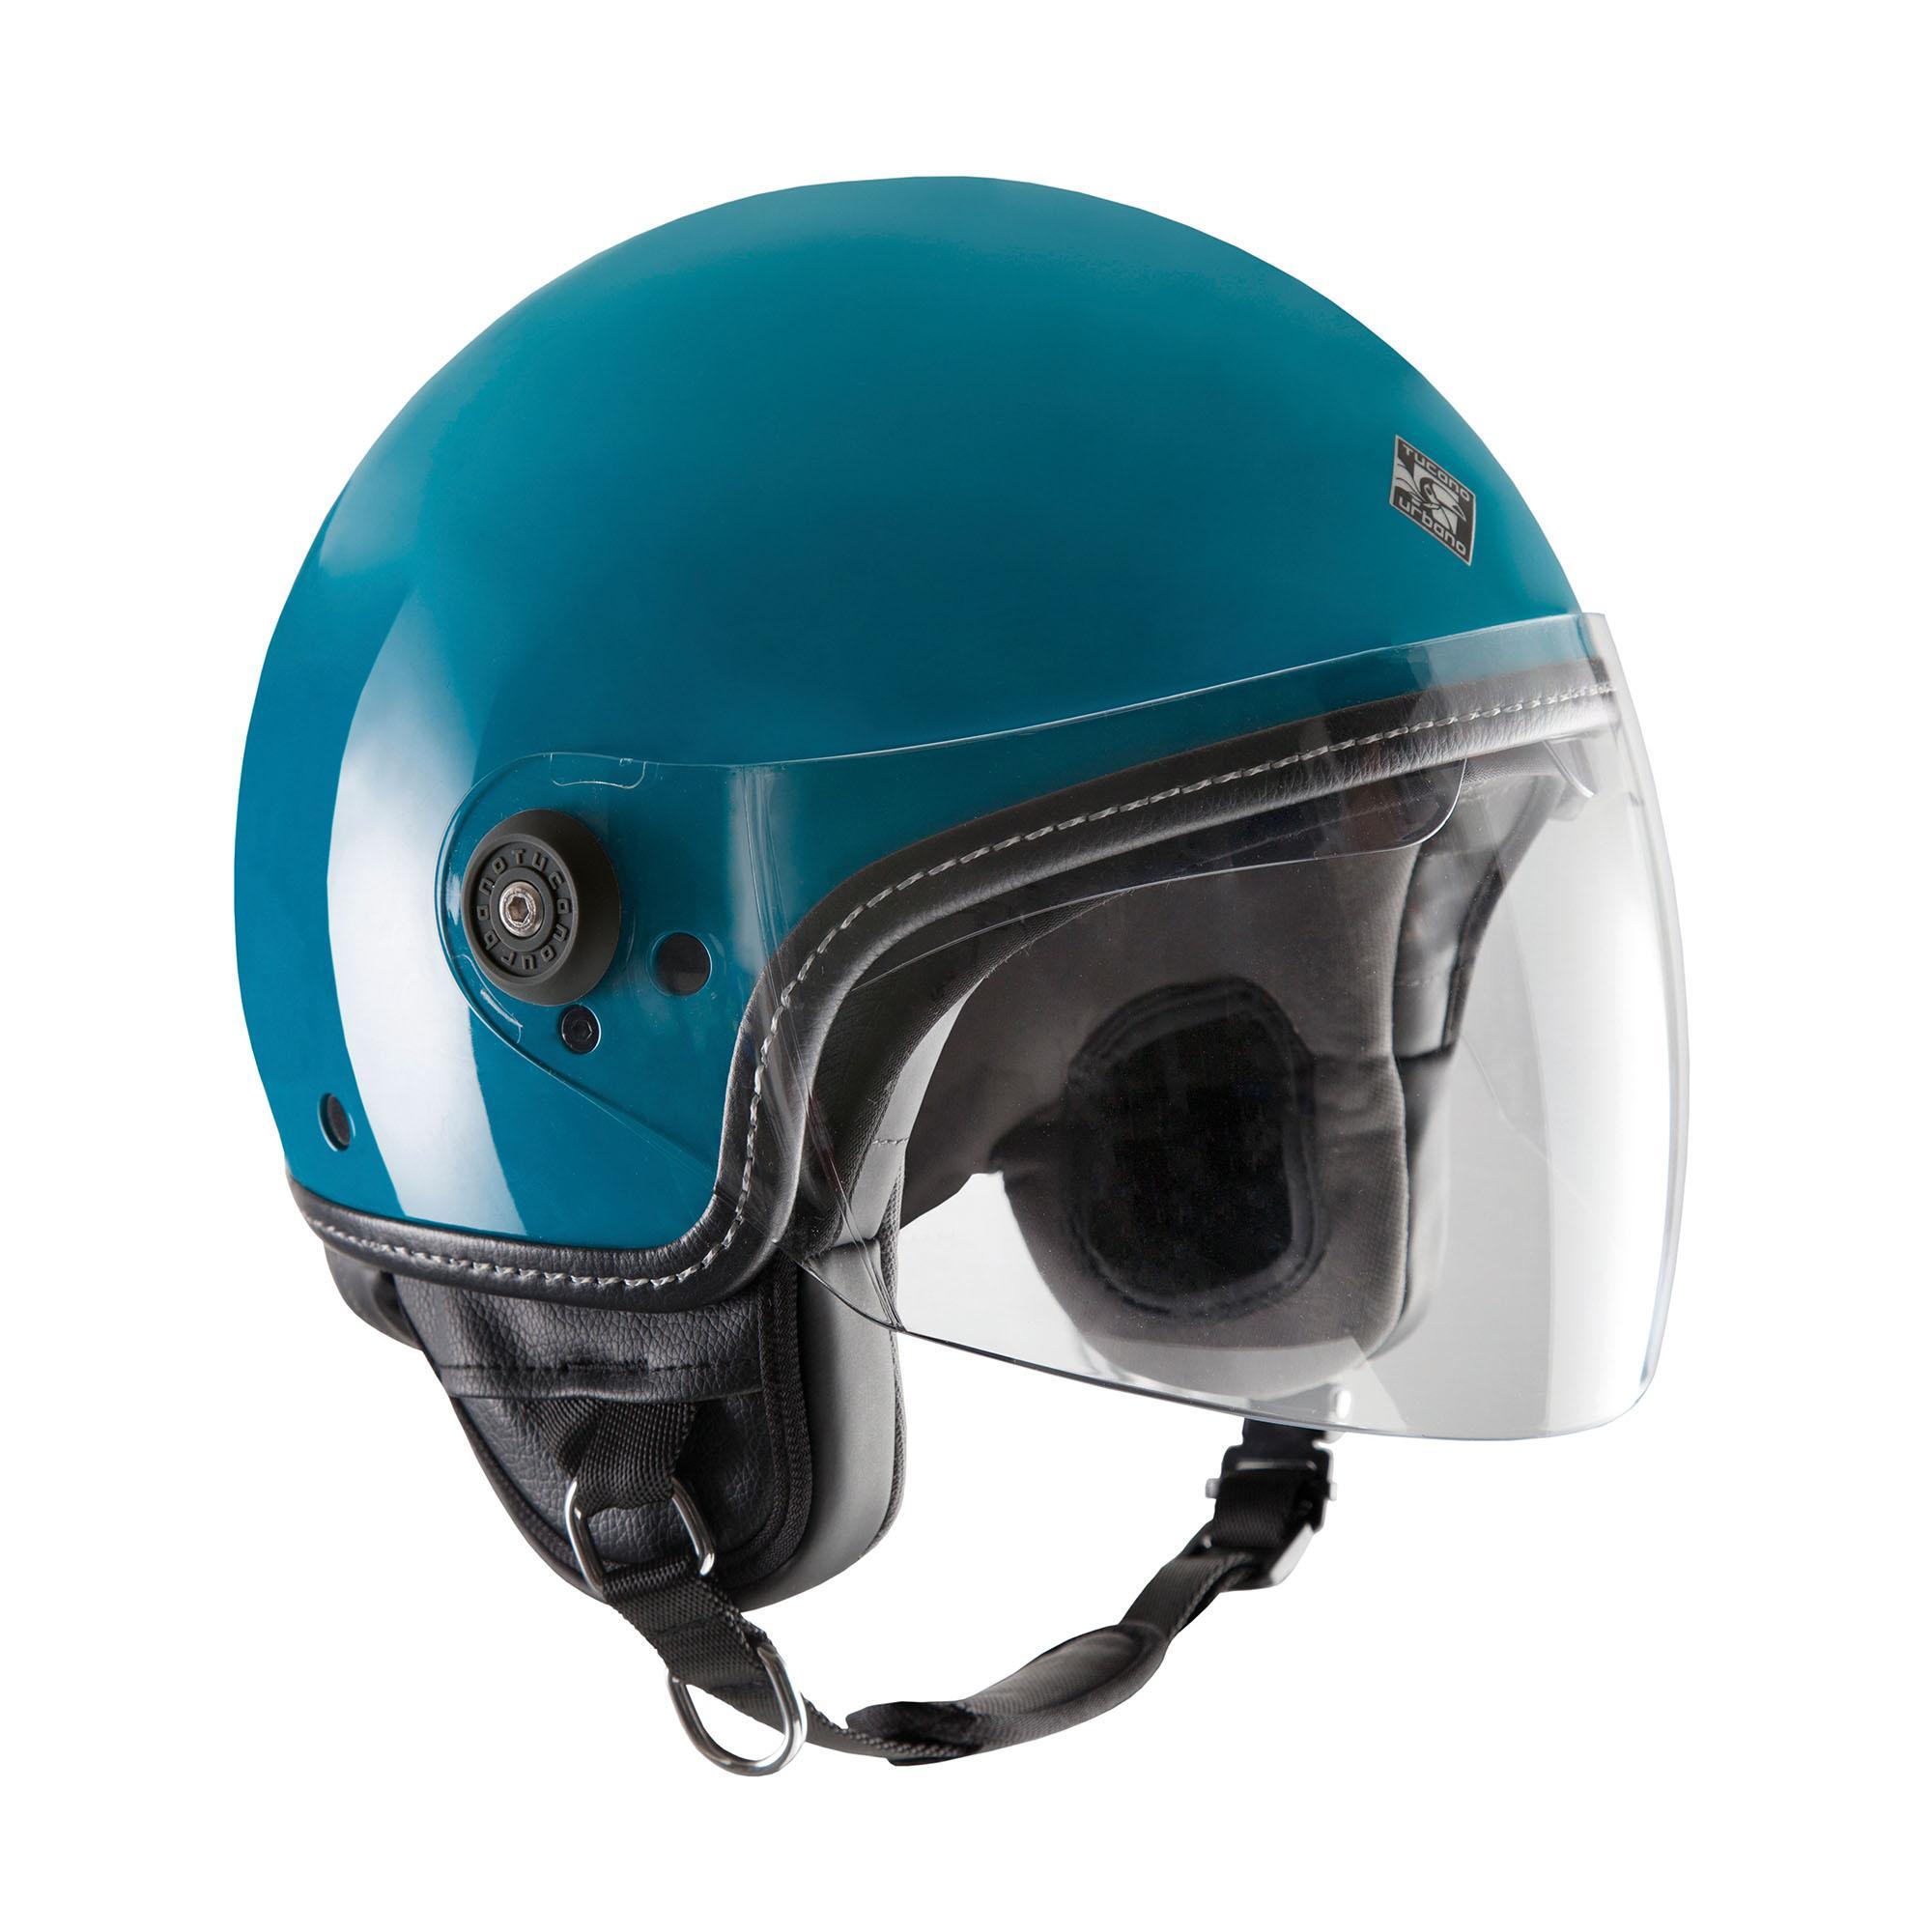 Demi-jet Helmet El'mettin Glossy Turquoise Green